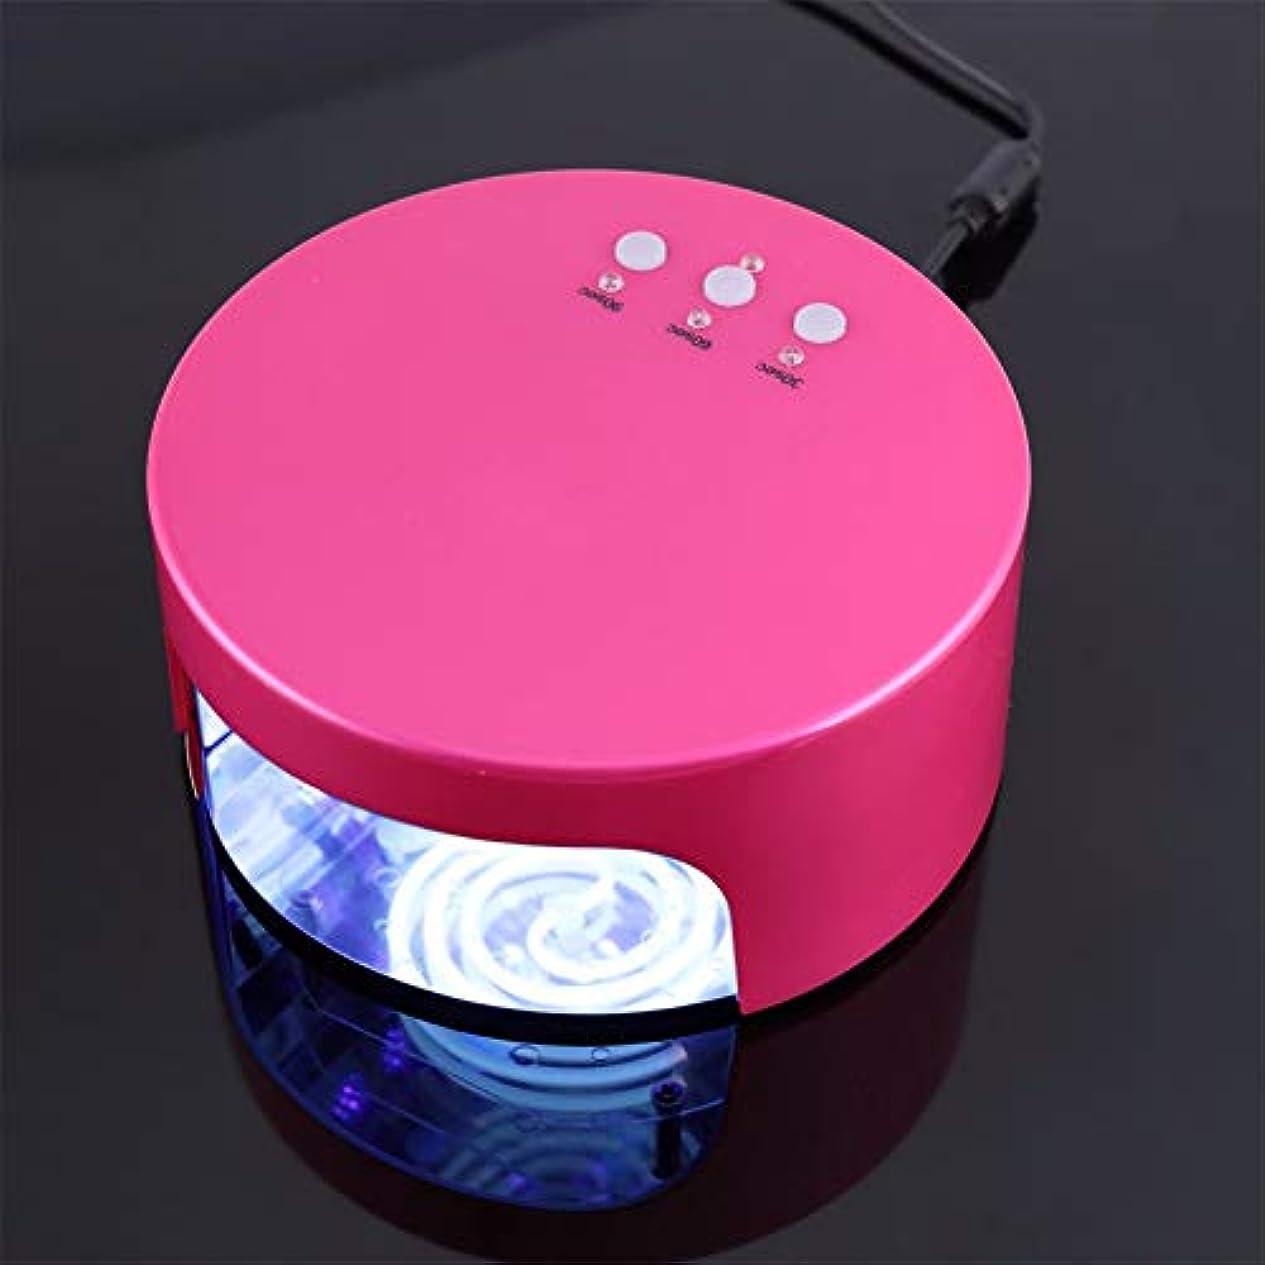 ハイジャック記述するトレイル36 w Led使用LEDネイルドライヤーCCFLゲル硬化UVランプネイルライトマシン強力なネイルアートドライヤーEUプラグ